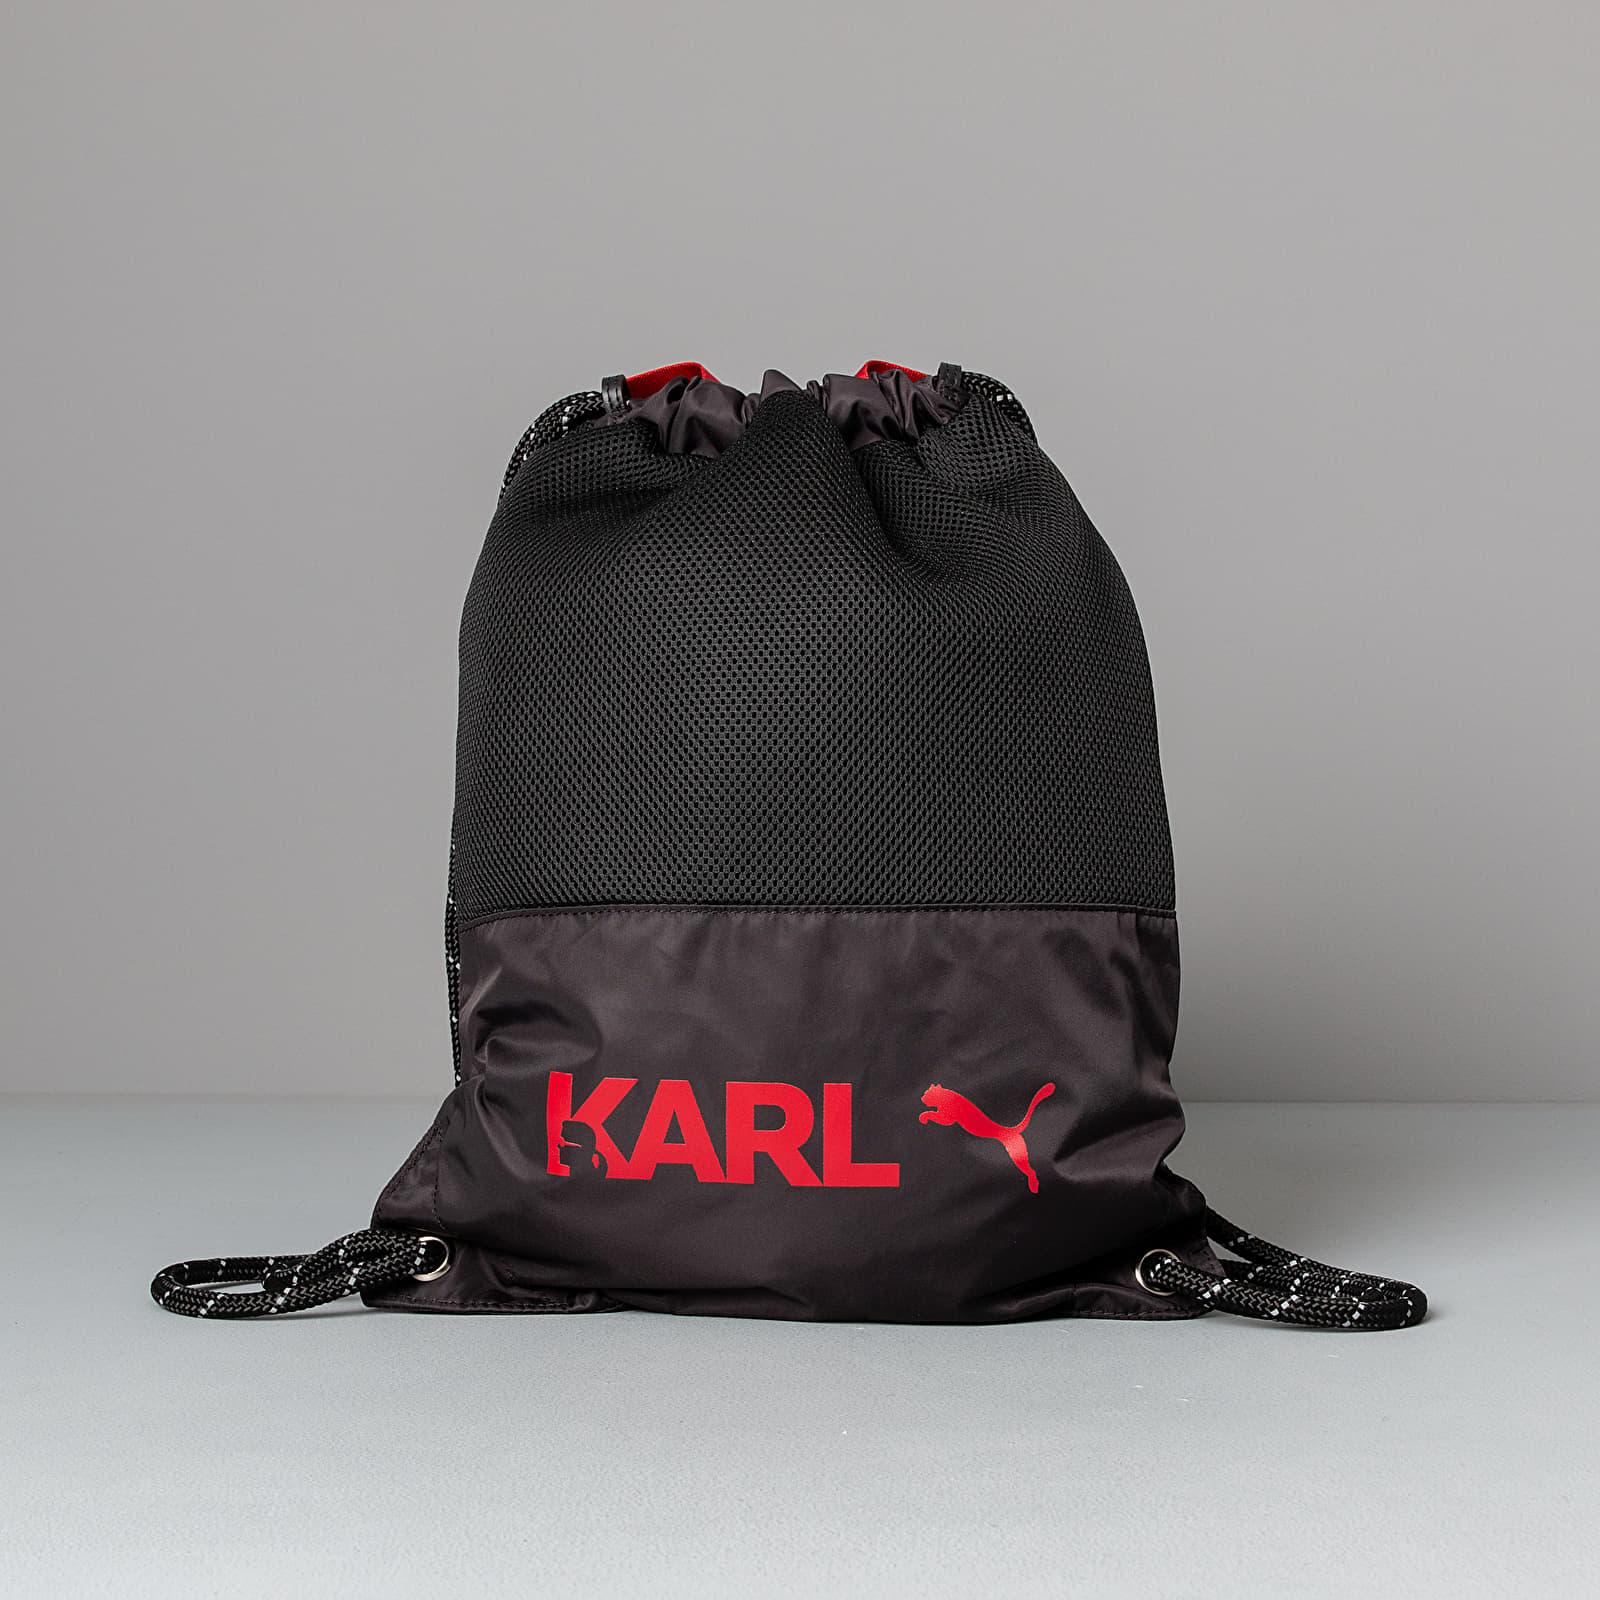 Puma x Karl Lagerfeld Tote Backpack